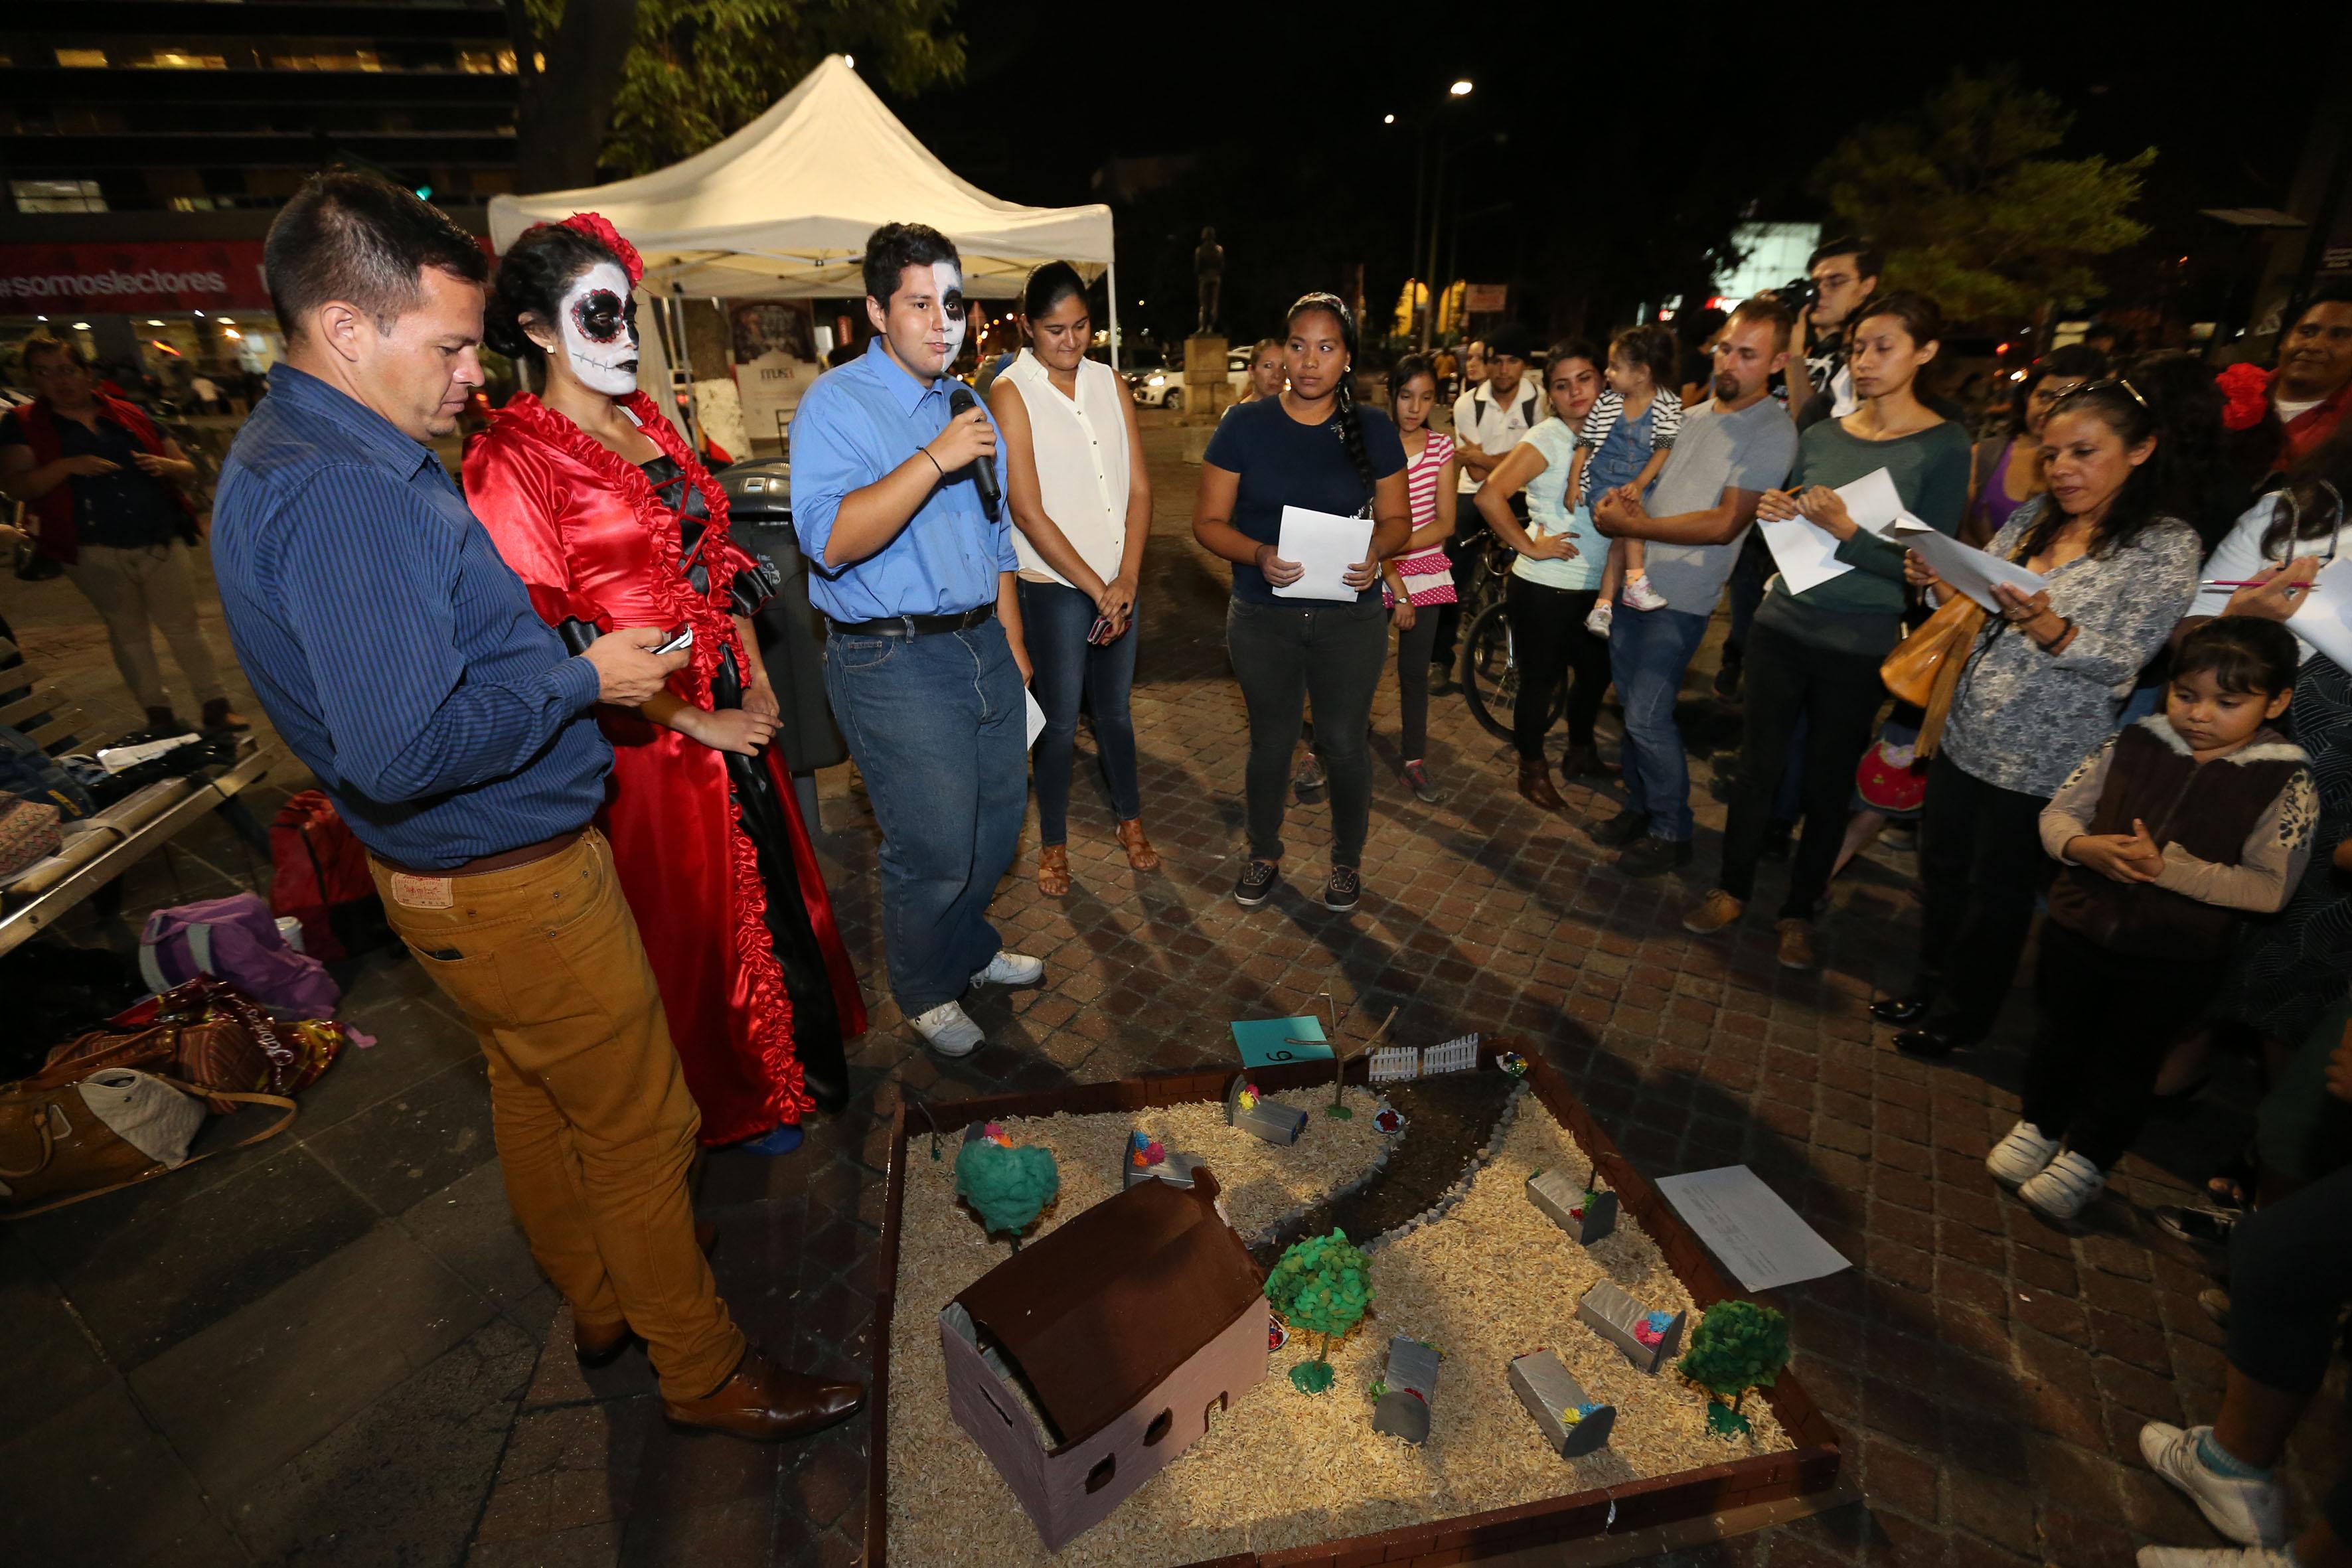 Representación y explicación de su tumba con temática ambiental de estudiante del CUCBA, a público asistente a la Rambla Cataluña.